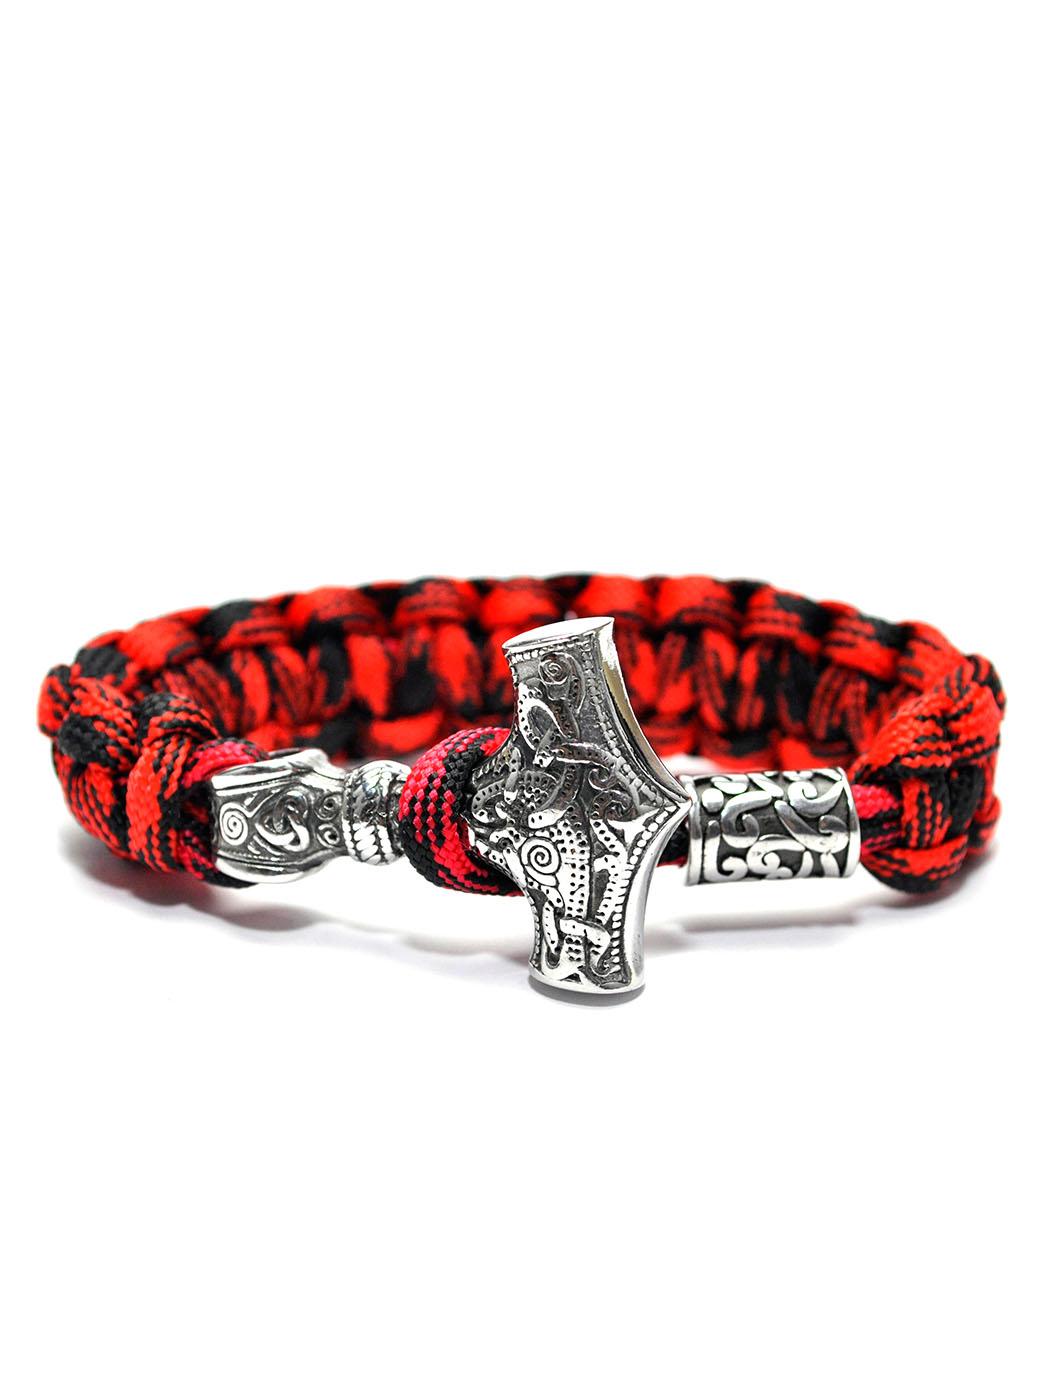 Thor Bracelet Red, Thor Bracelet Viking Nordic Mythology Amazon Deals Coupons New York